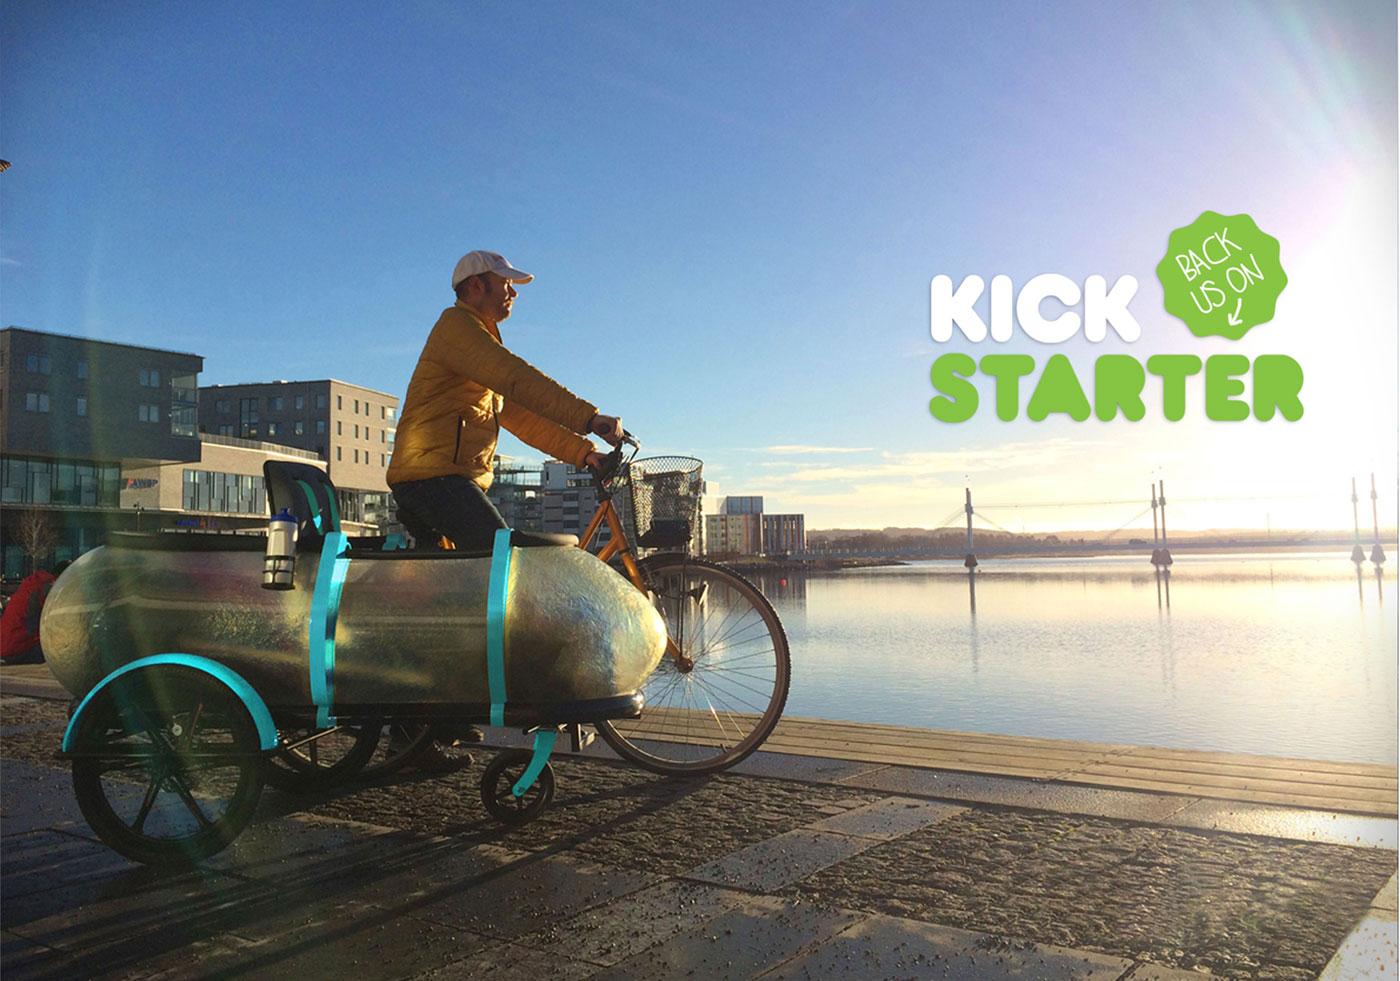 SideBuddy-Live-on-Kickstarter-now–by-Jordi-Hans-Design (1)